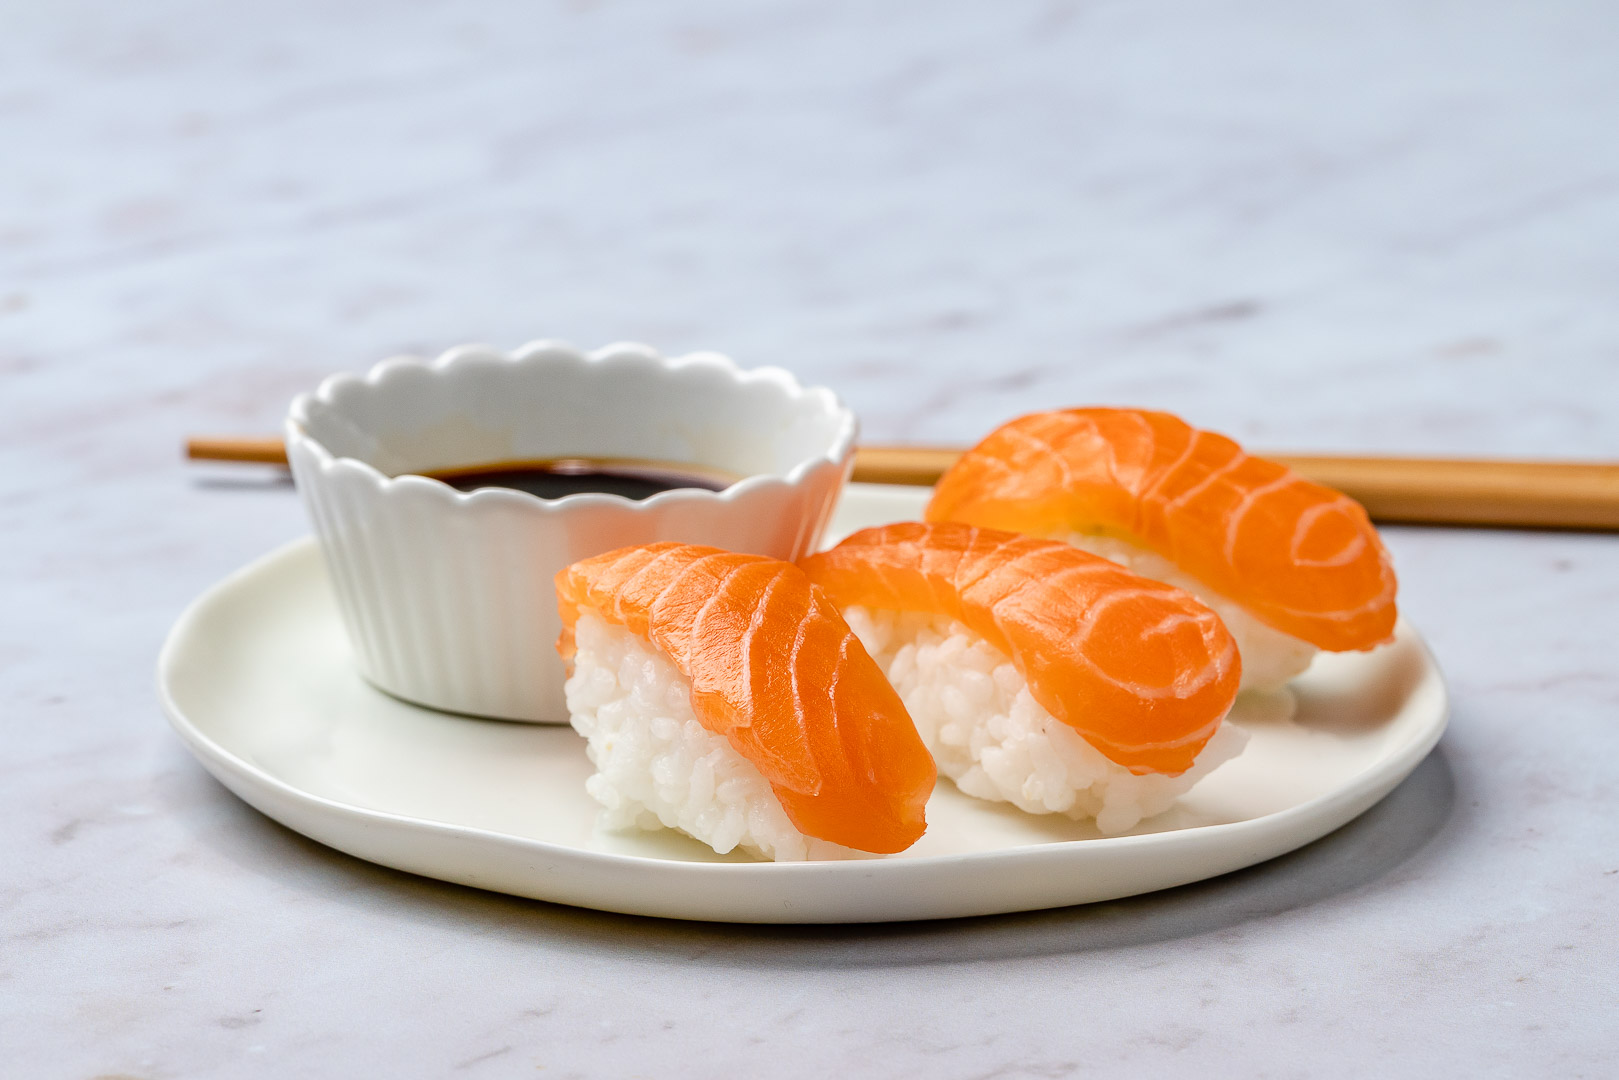 Cum Se Face Sushi Acasa - 4 Retete Simple De Sushi 9